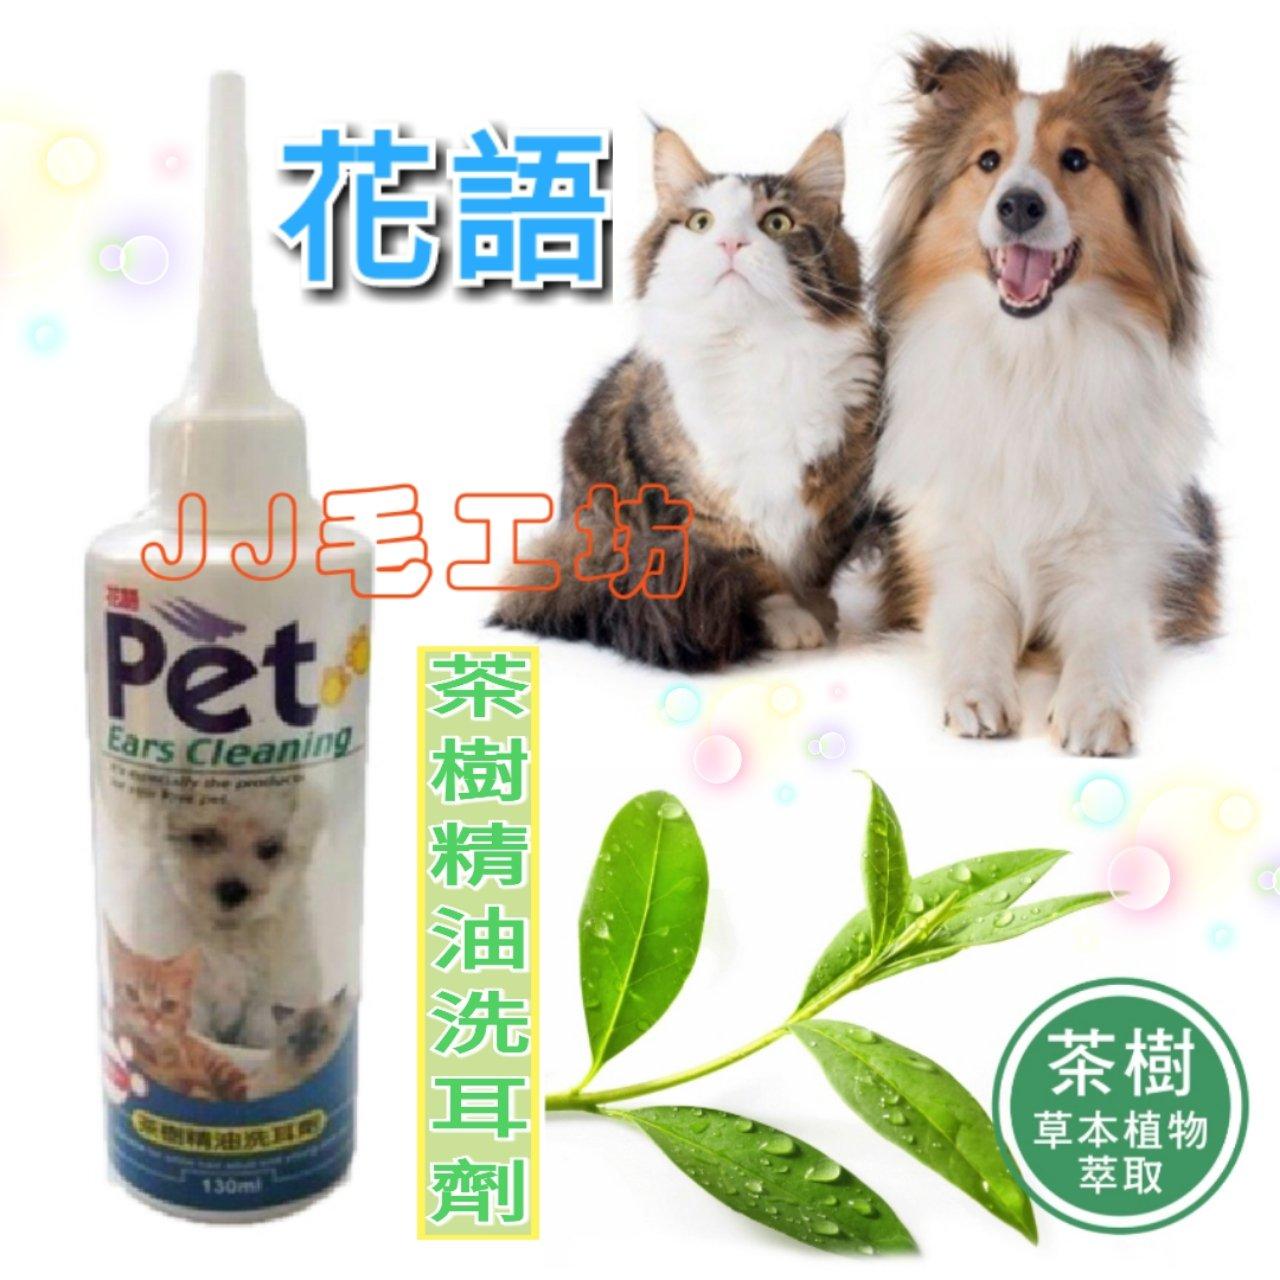 花語PET 三效合一 茶樹精油洗耳劑 寵物洗耳液 洗耳劑  犬貓小動物洗耳液 130ml